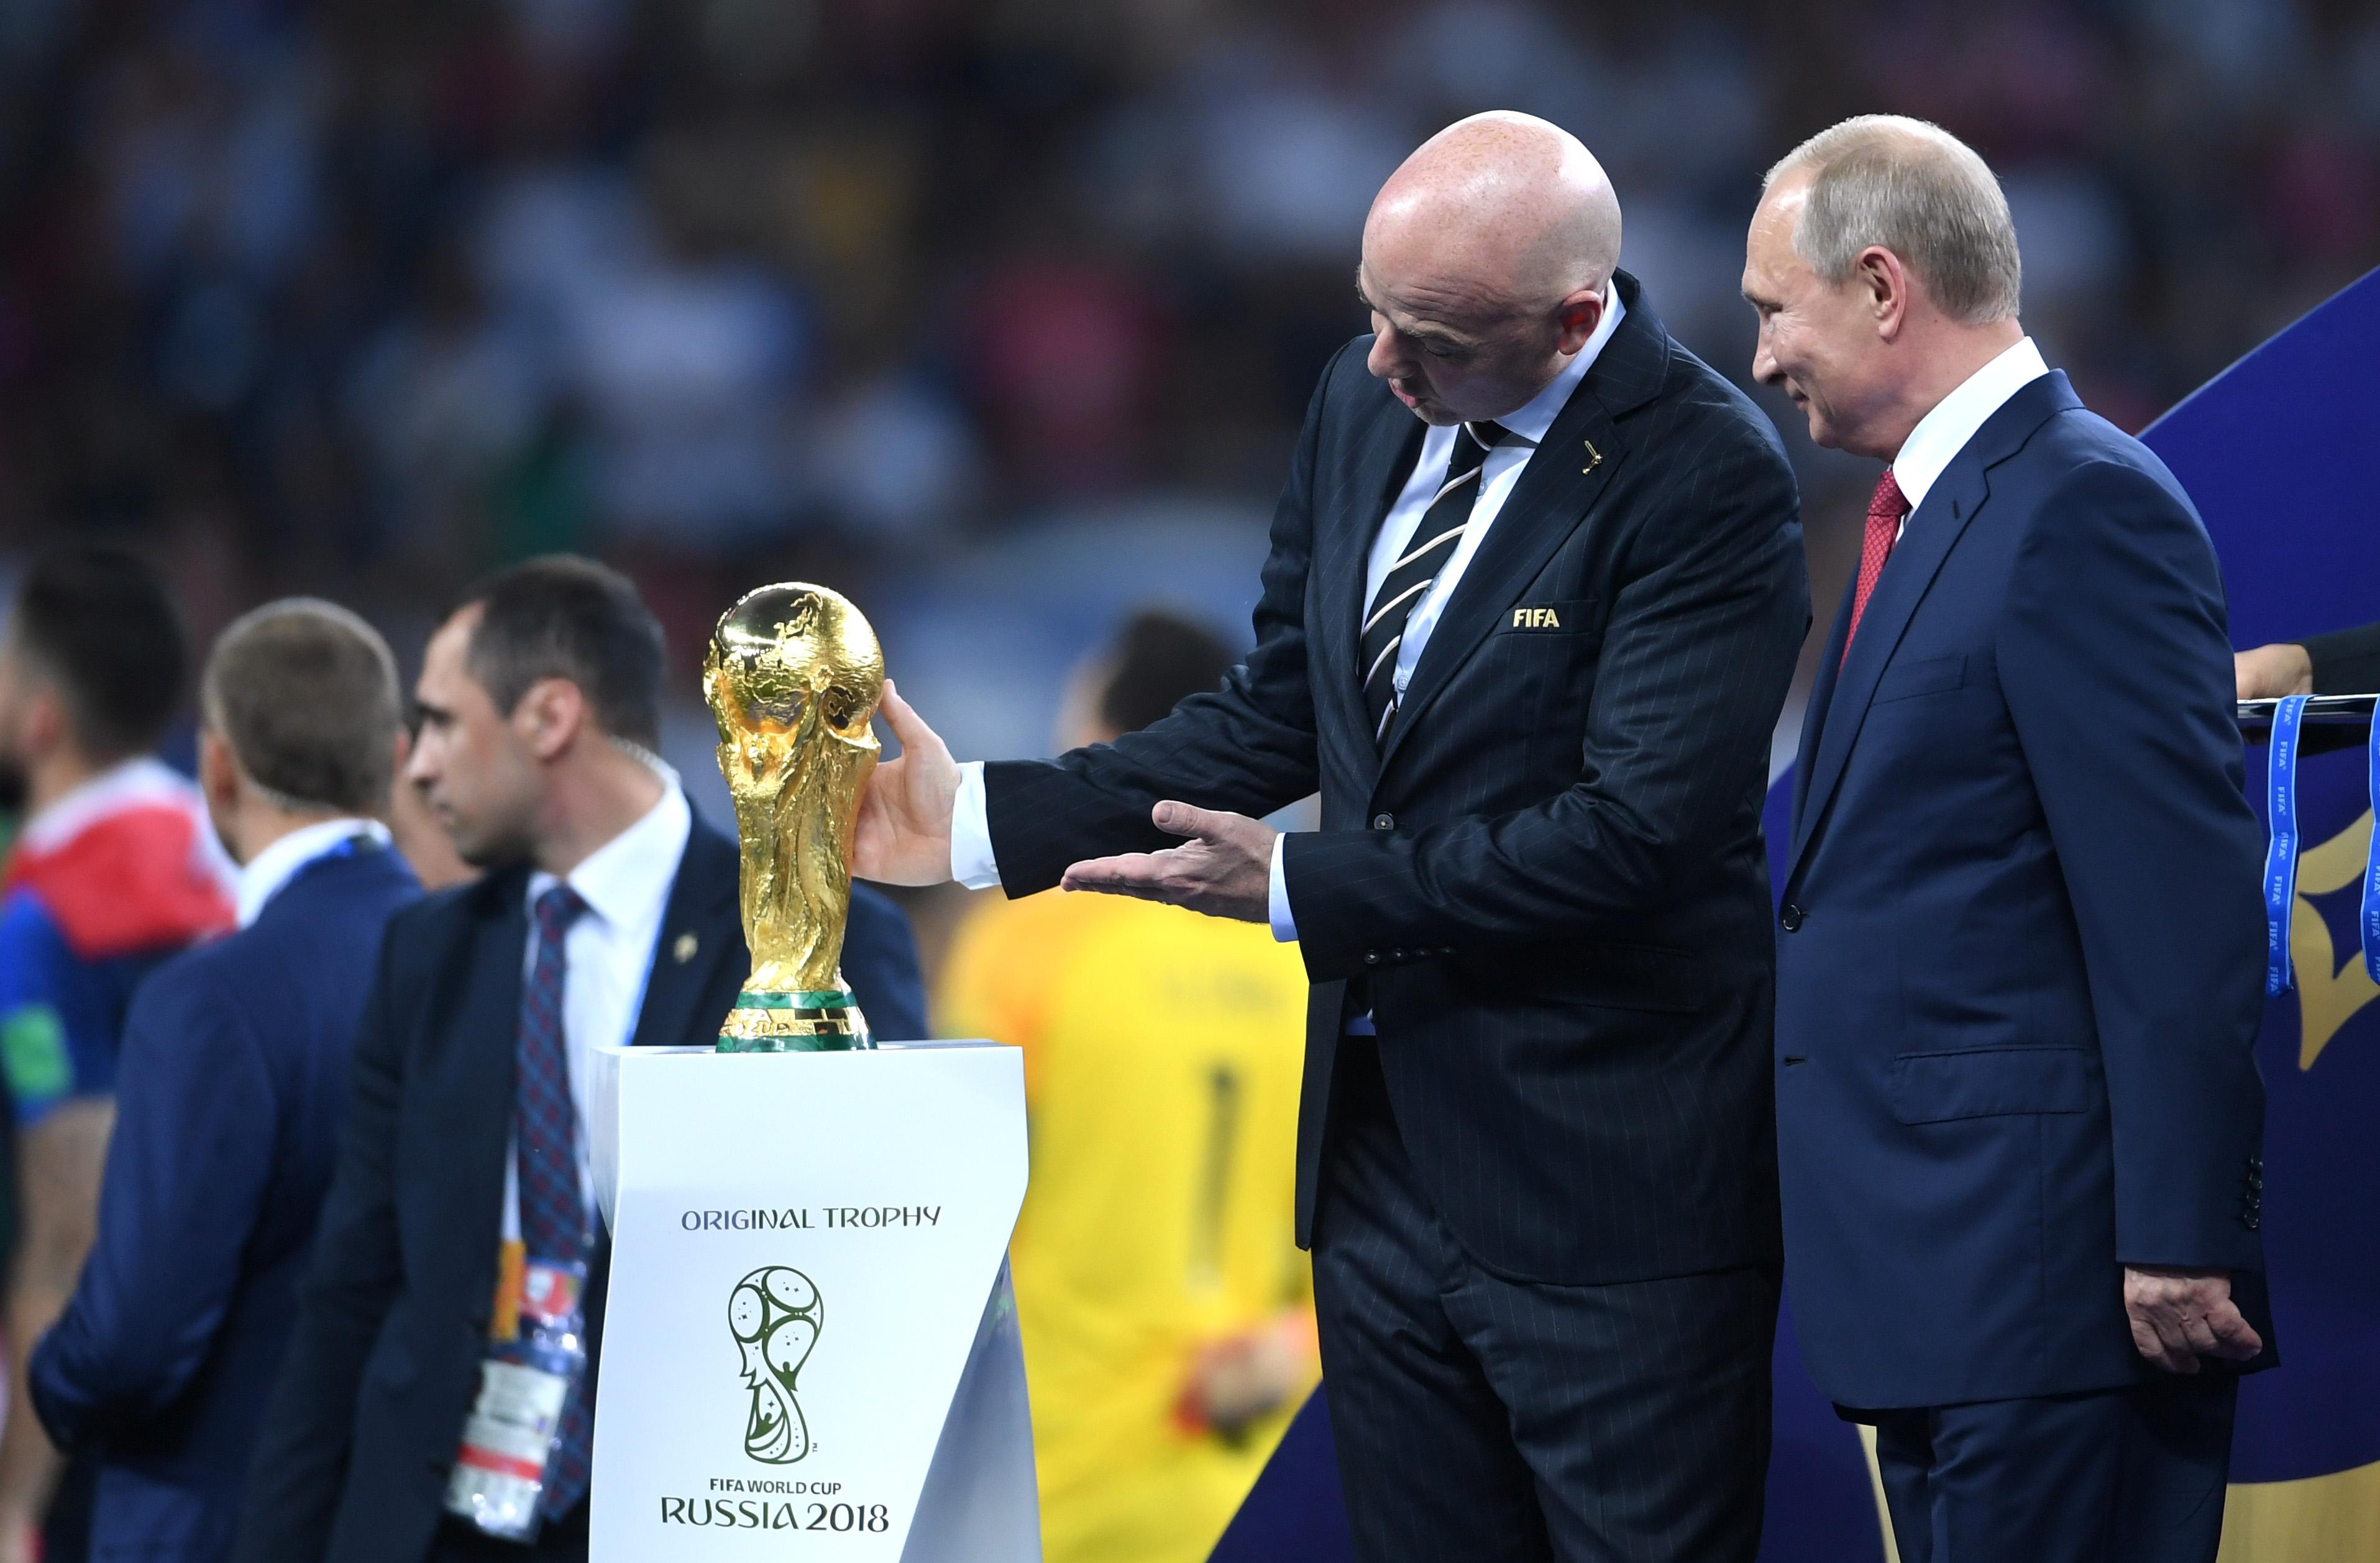 Президентът на ФИФА Джани Инфантино коментира една от най-любипитните истории